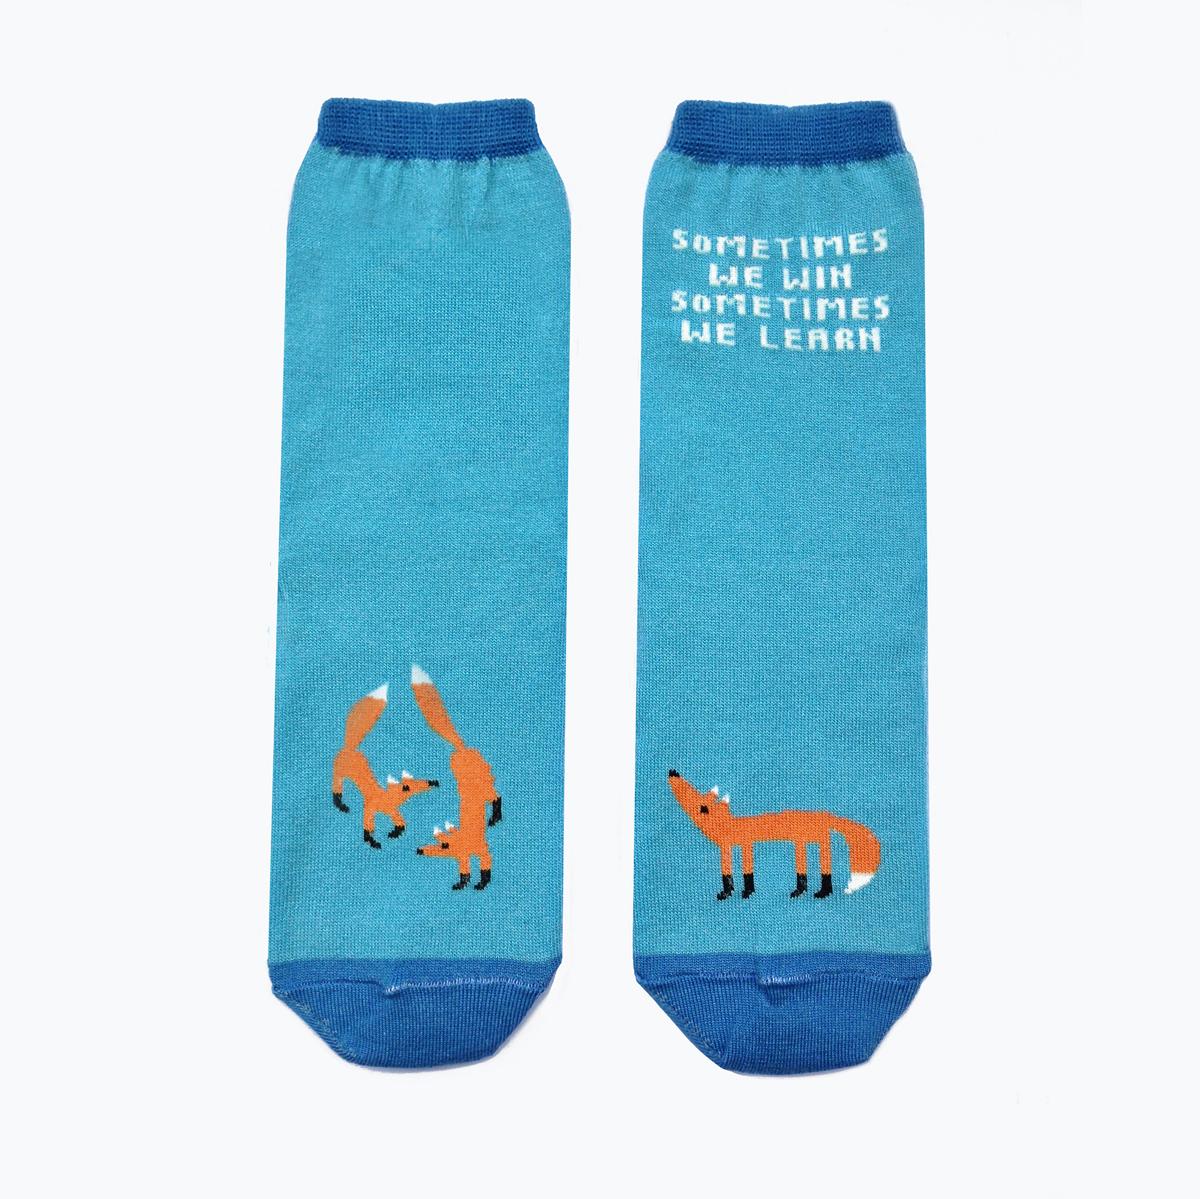 Носки женские. ca1123ca1123Яркие женские носки Big Bang Socks изготовлены из высококачественного хлопка с добавлением полиамидных и эластановых волокон, которые обеспечивают великолепную посадку. Носки отличаются ярким стильным дизайном. Они оформлены изображением лисы и надписью на английском языке. Удобная резинка идеально облегает ногу и не пережимает сосуды, усиленные пятка и мысок повышают износоустойчивость носка, а удлиненный паголенок придает более эстетичный вид. Дизайнерские носки Big Bang Socks - яркая деталь в вашем образе и оригинальный подарок для друзей и близких.